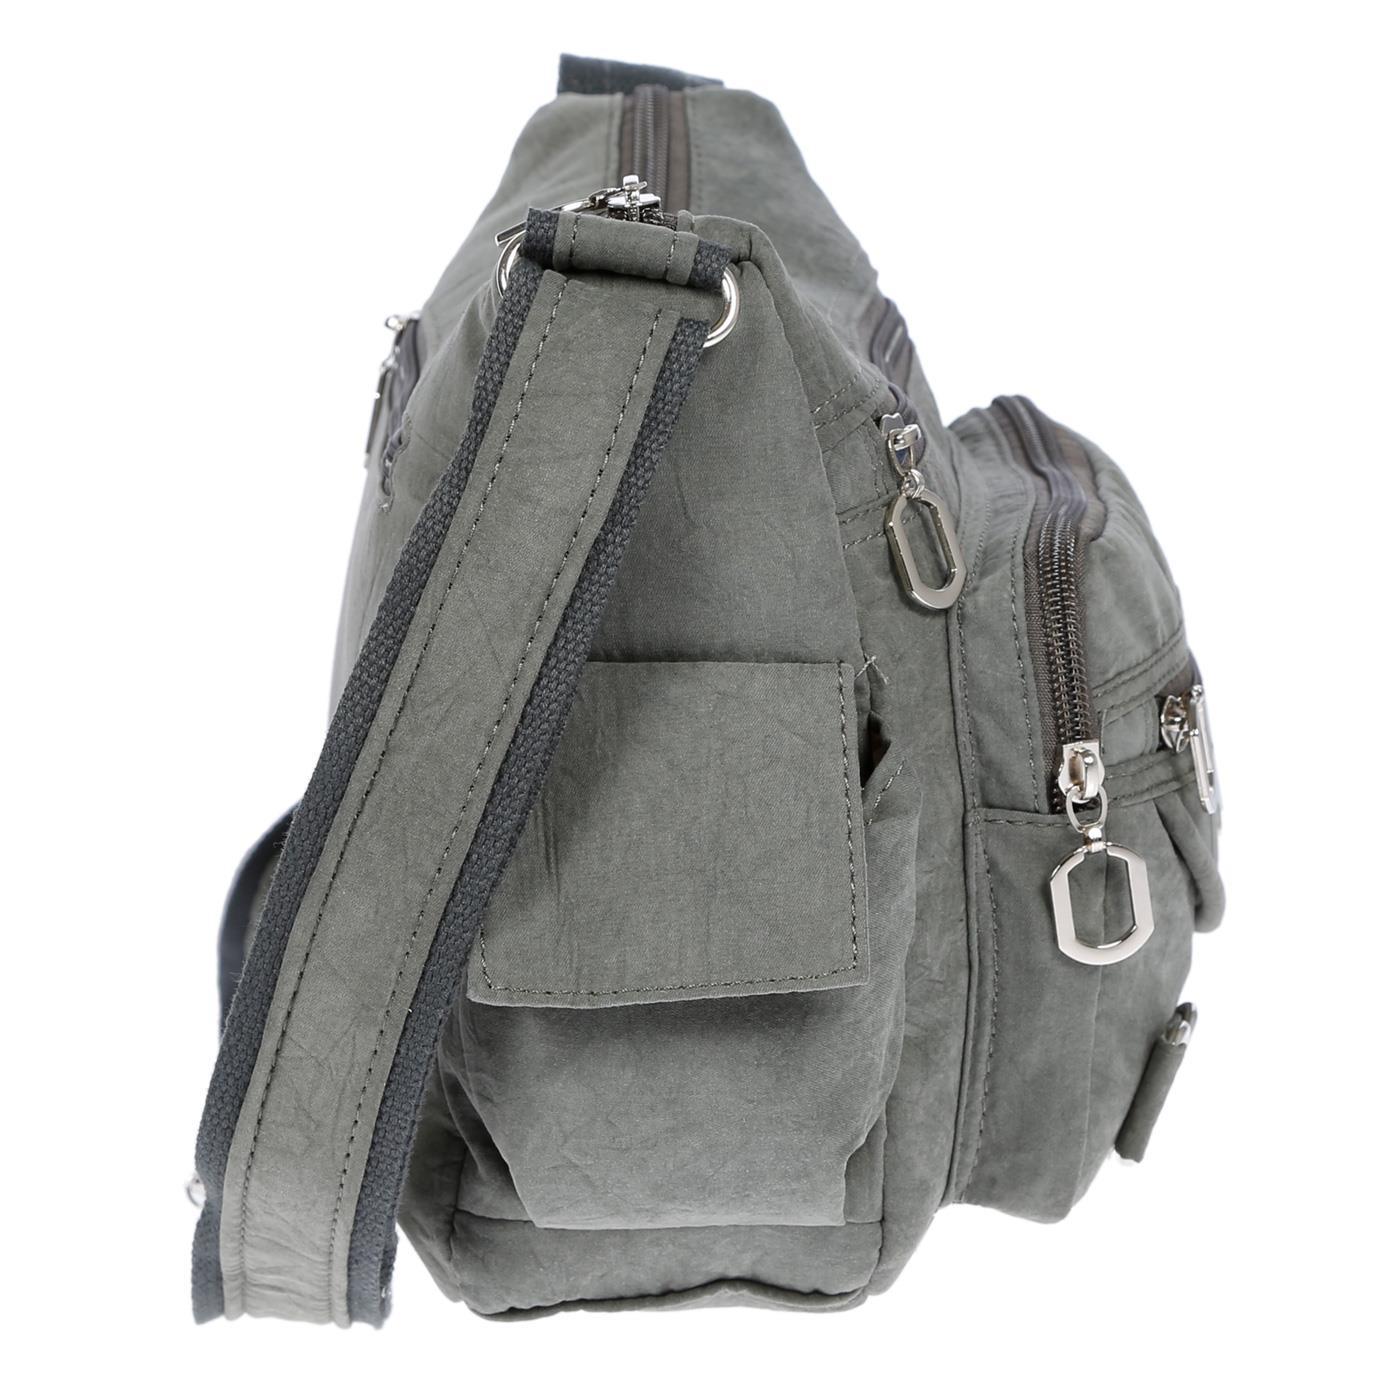 Damenhandtasche-Schultertasche-Tasche-Umhaengetasche-Canvas-Shopper-Crossover-Bag Indexbild 16